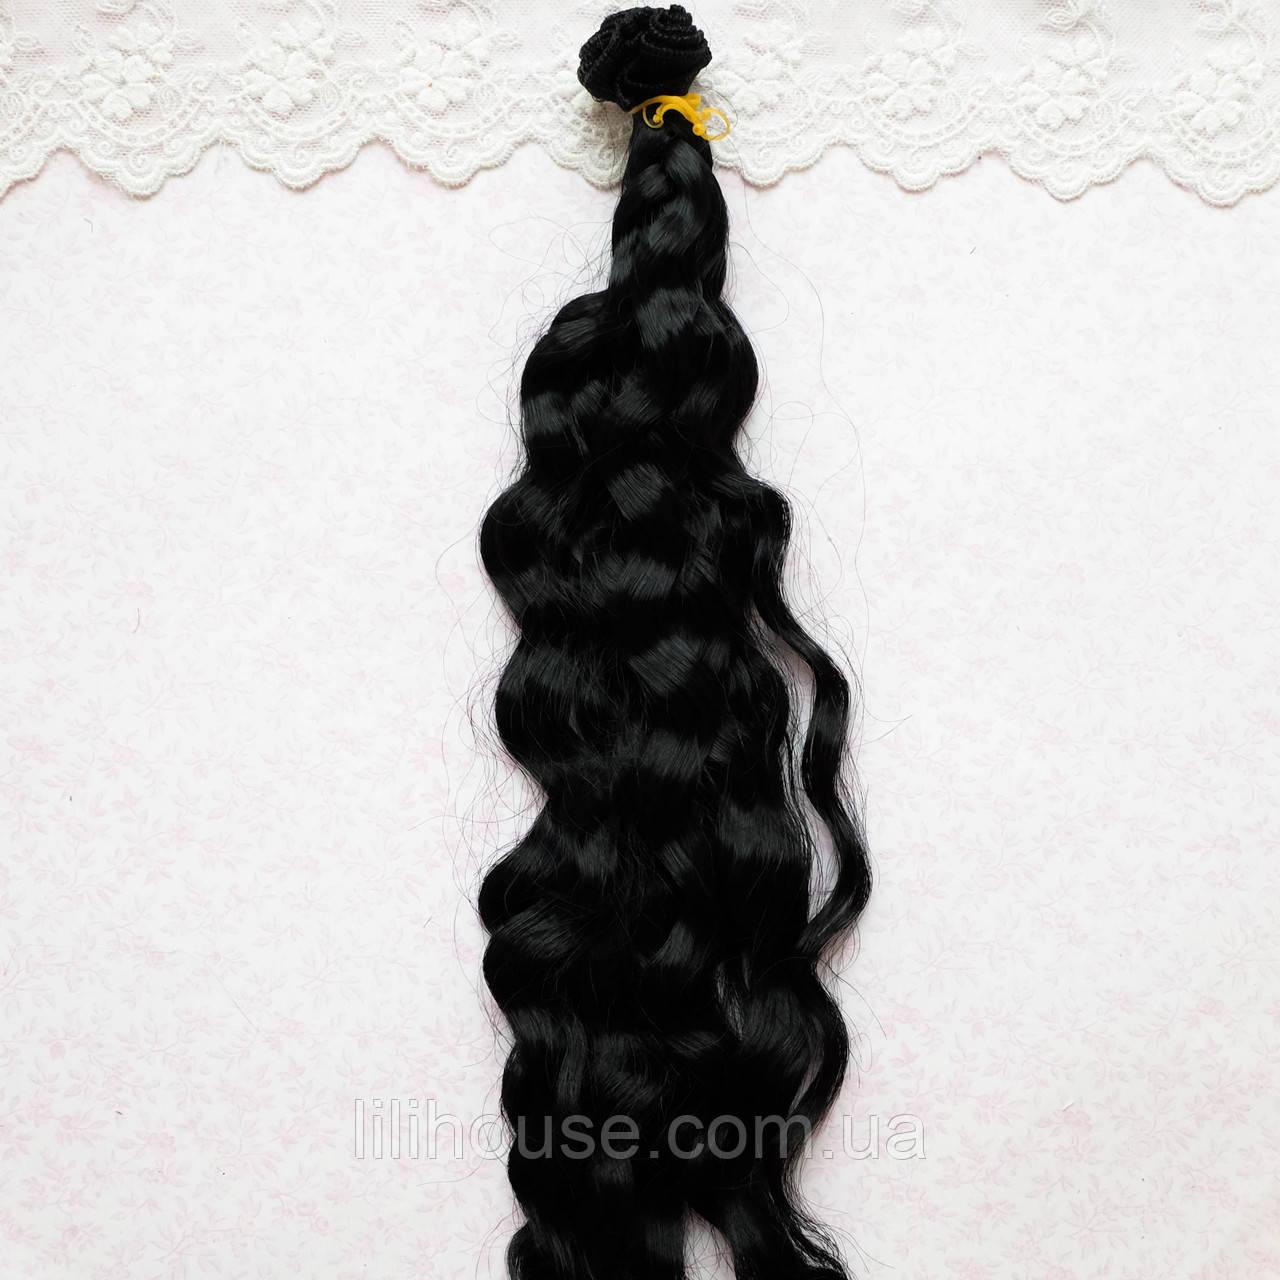 Волосы для кукол в трессах мелкие волны косичка, черный - 25 см